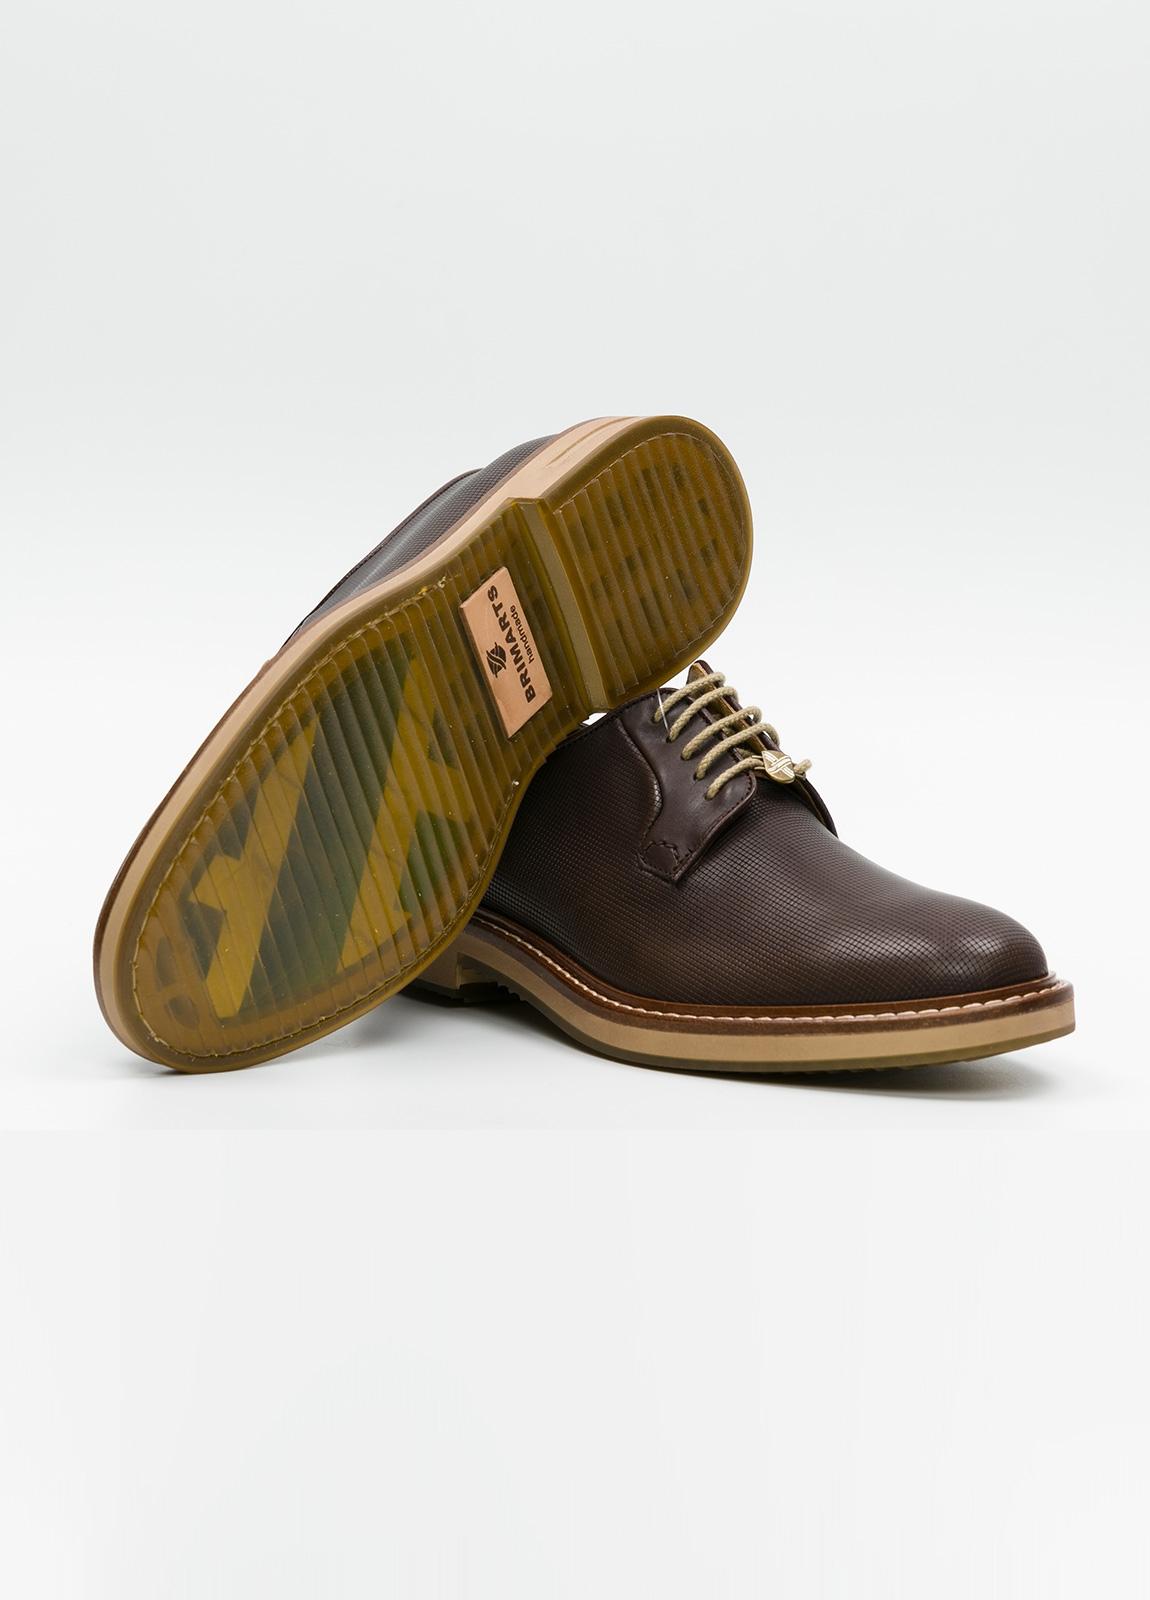 Zapato Formal Wear con cordones color marrón. 100% Piel grabada. - Ítem3